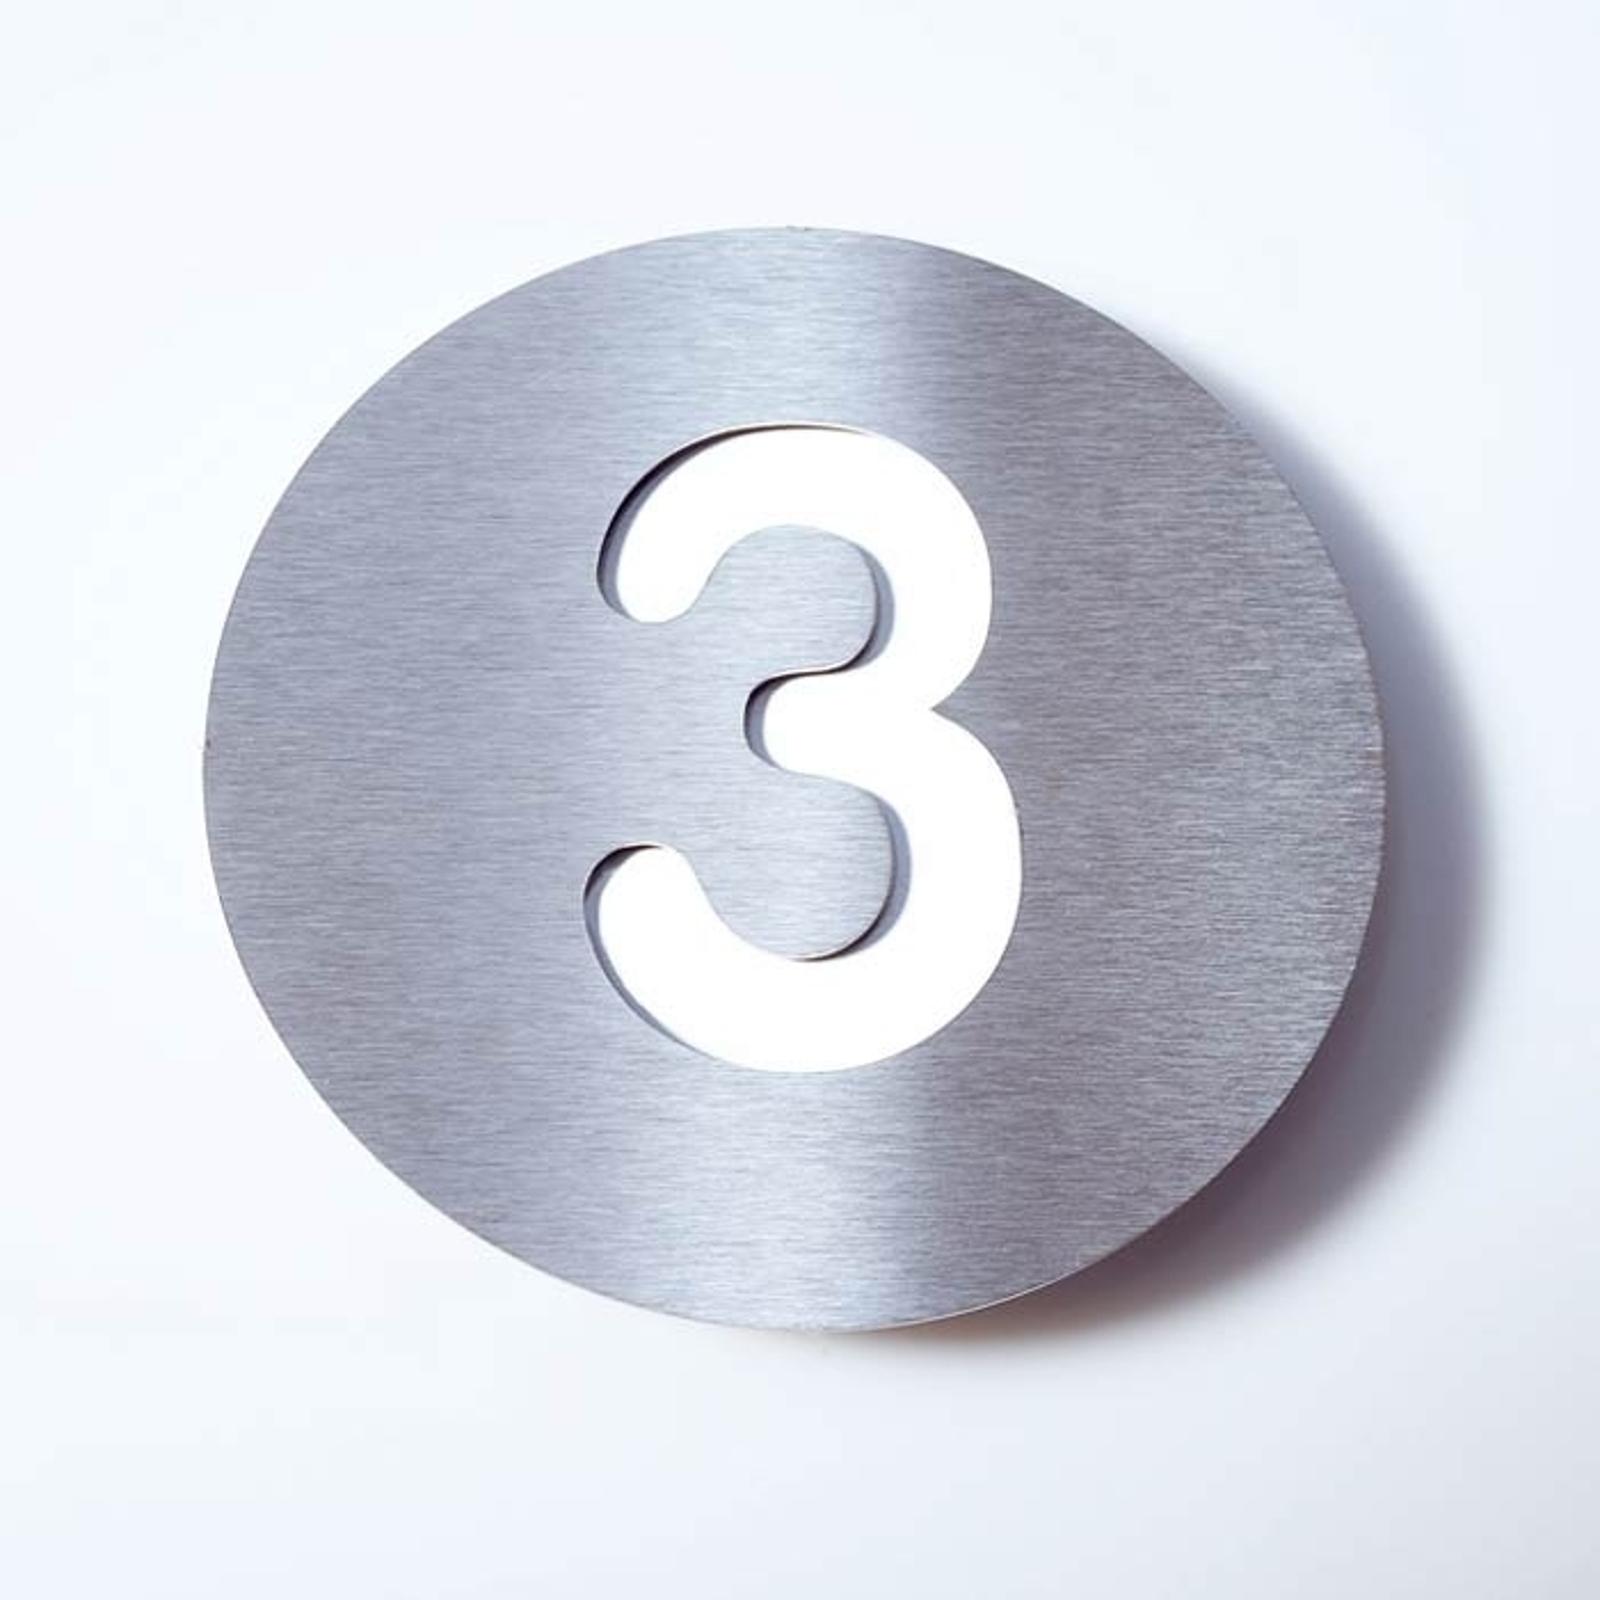 Número de casa Round de acero inoxidable - 3